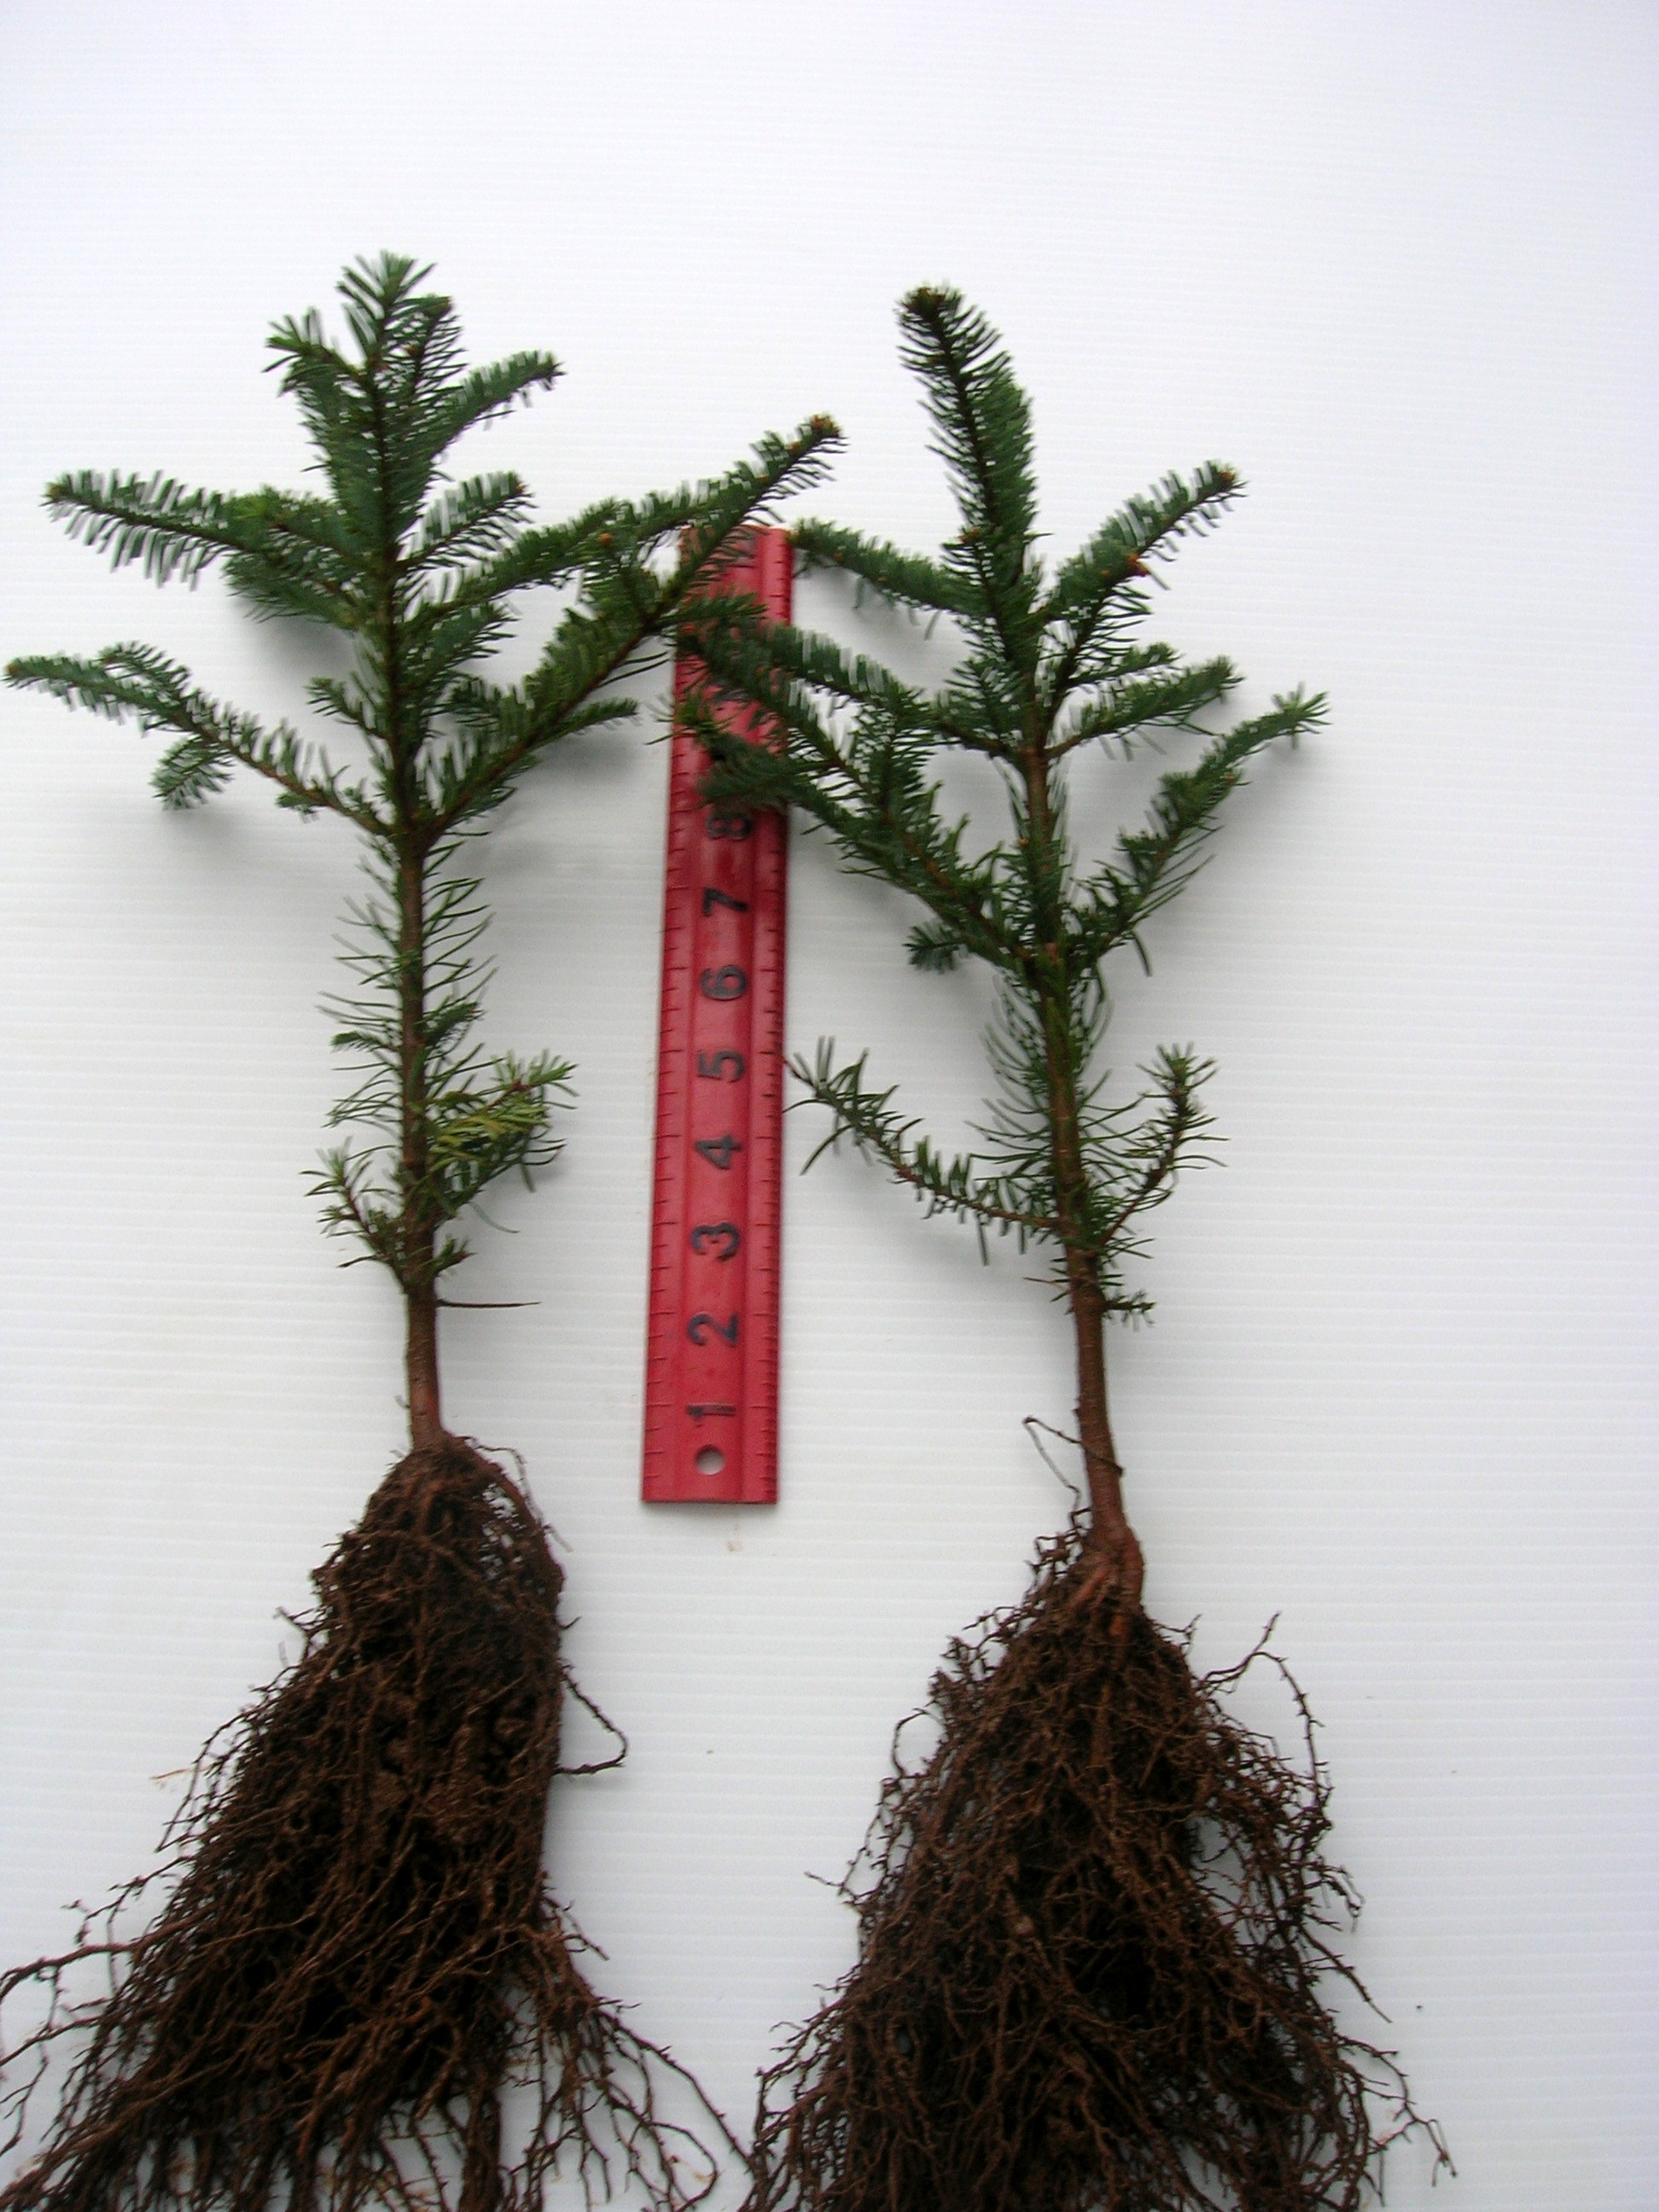 Fullsize Of Pine Tree Seeds